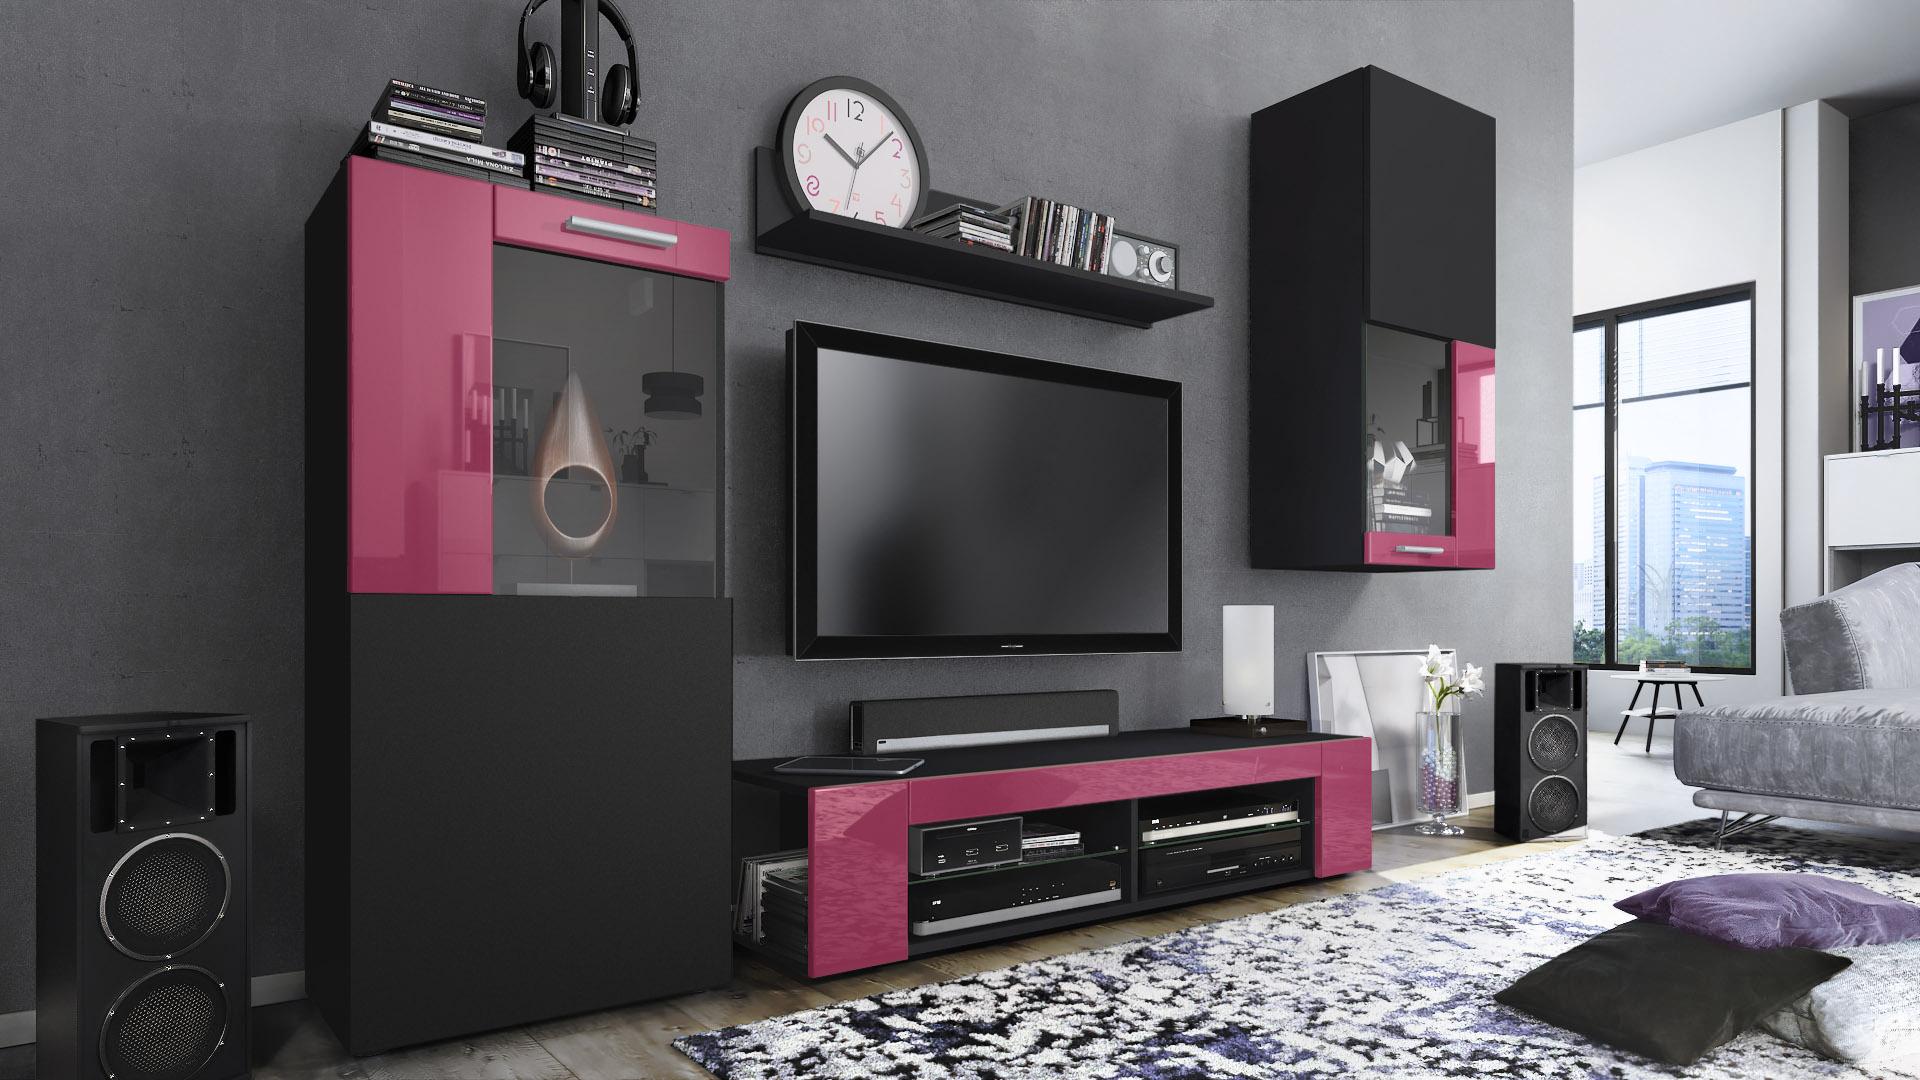 Wohnwand Anbauwand Fernsehwand Wohnzimmer Hochglanz Front Schwarz Glaenzend